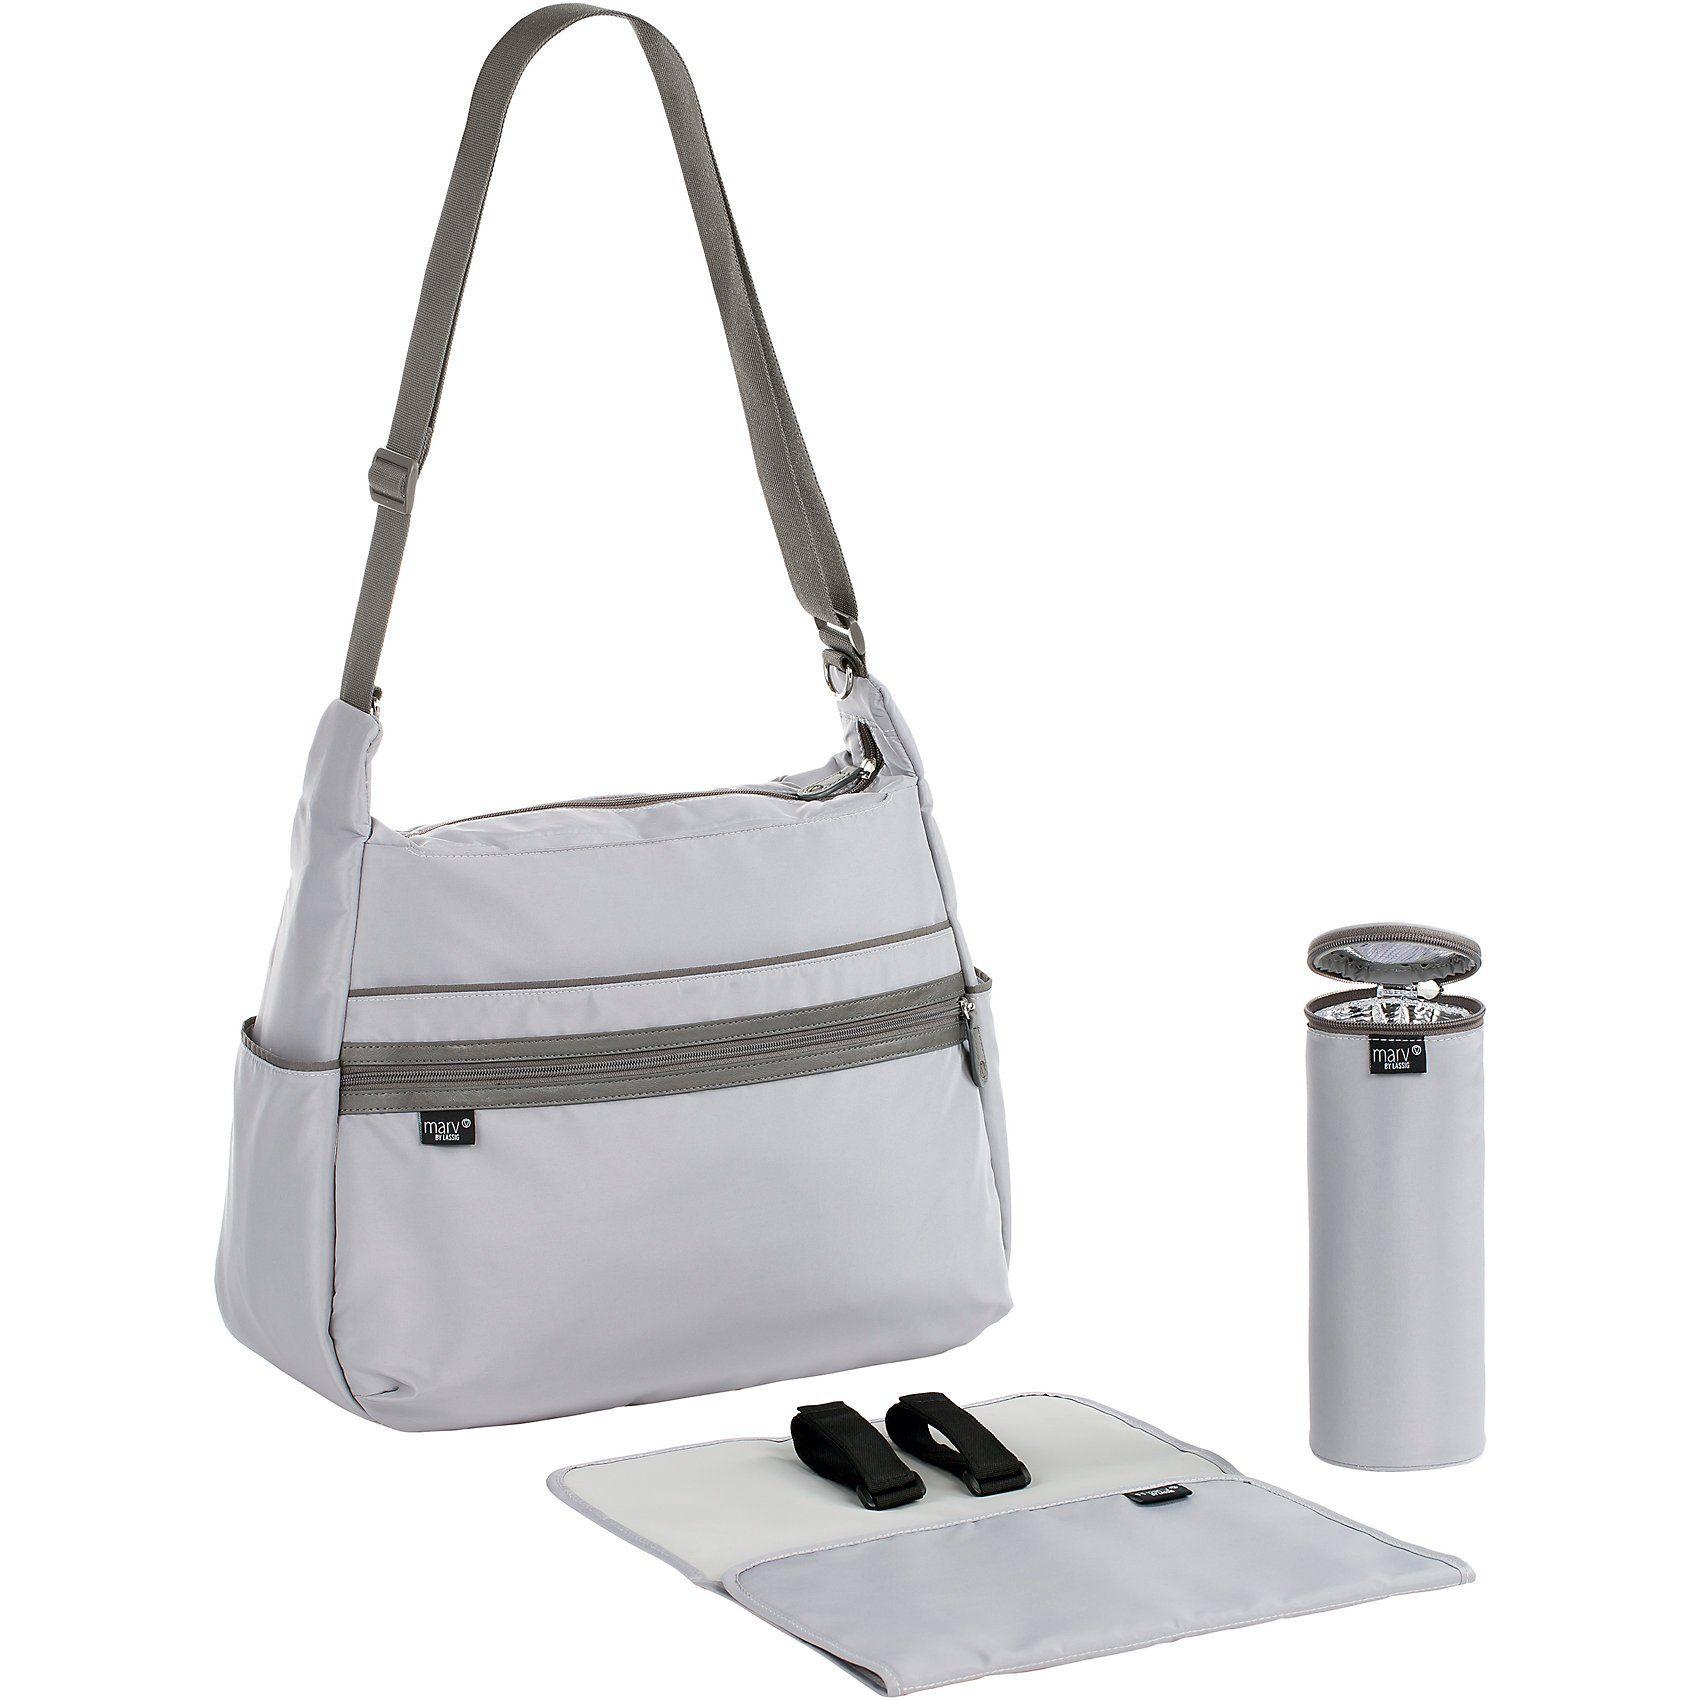 Wickeltasche Marv, Urban Bag, Mud